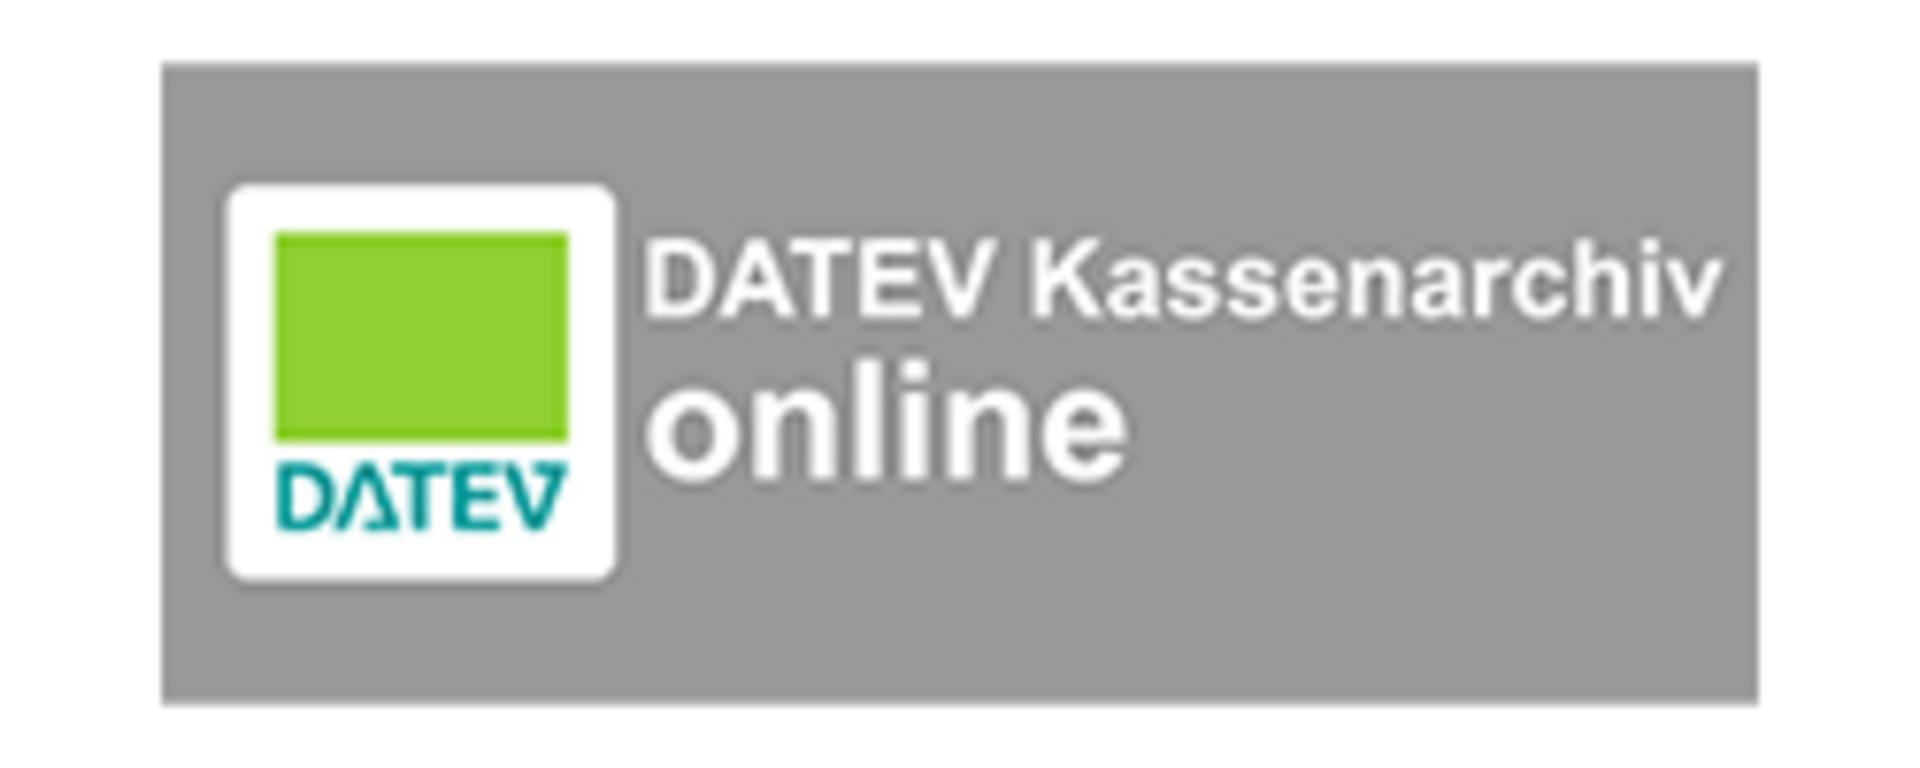 DATEV Kassenarchiv online